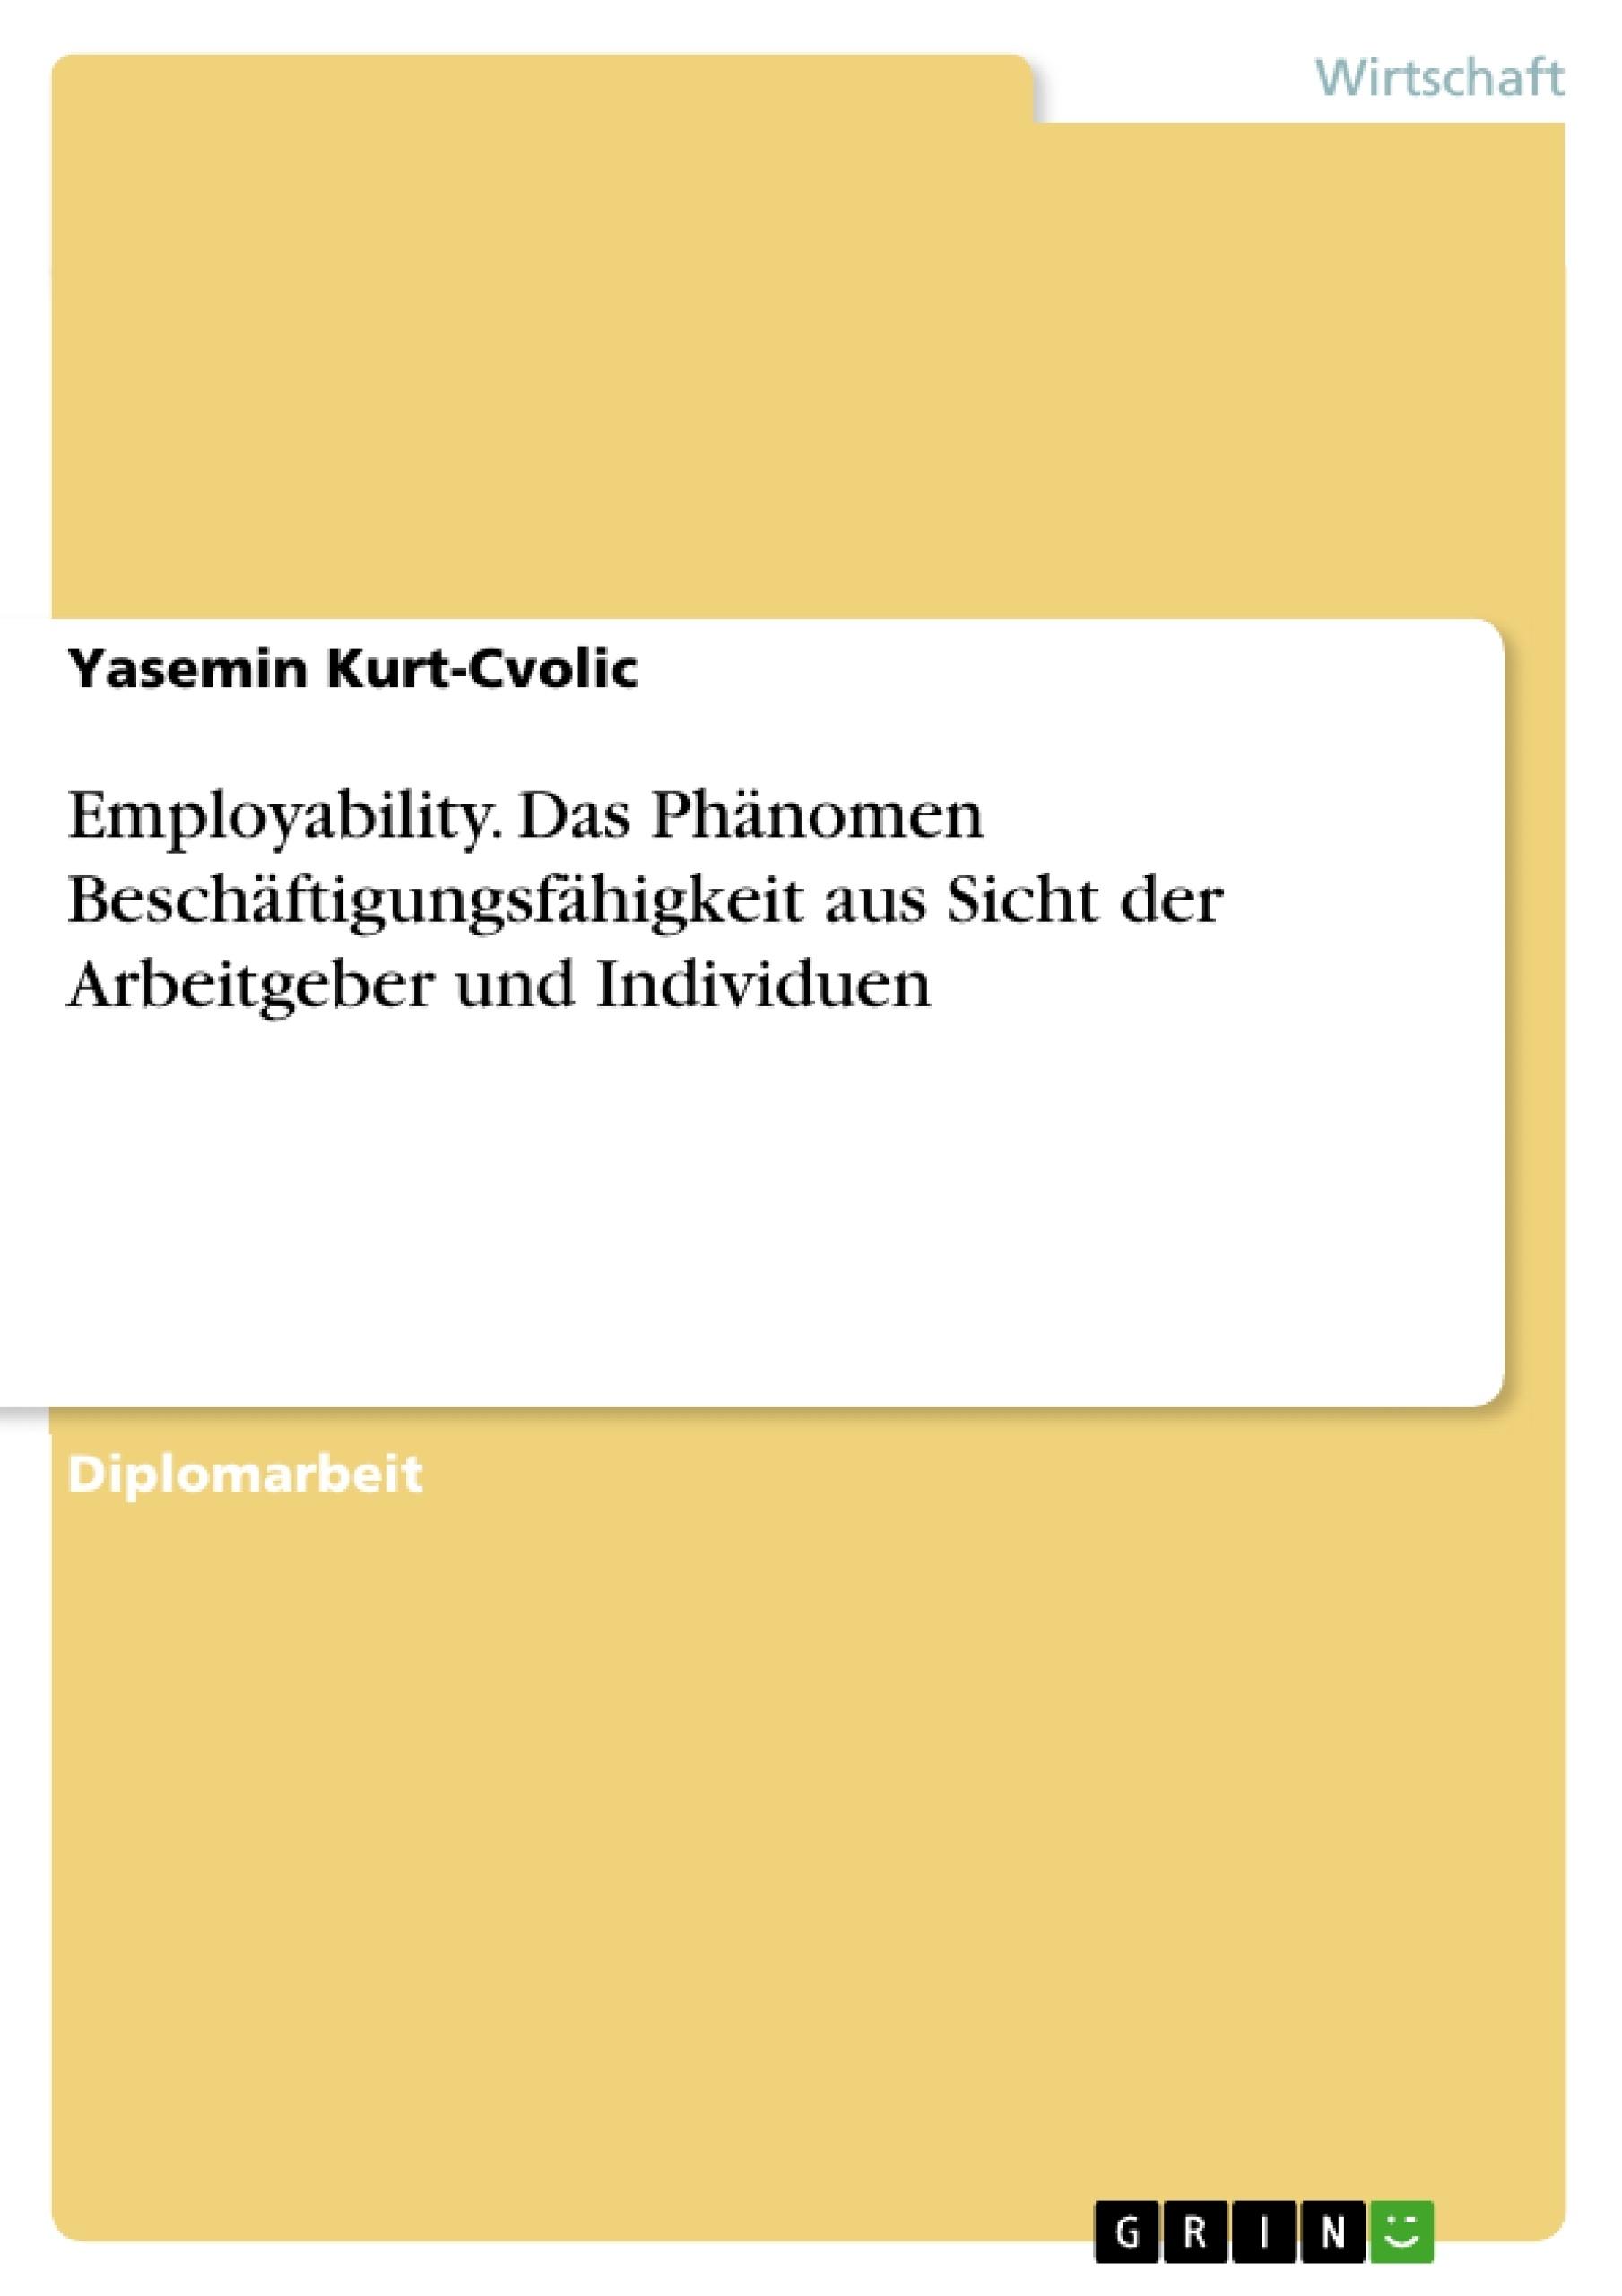 Titel: Employability. Das Phänomen Beschäftigungsfähigkeit aus Sicht der Arbeitgeber und Individuen